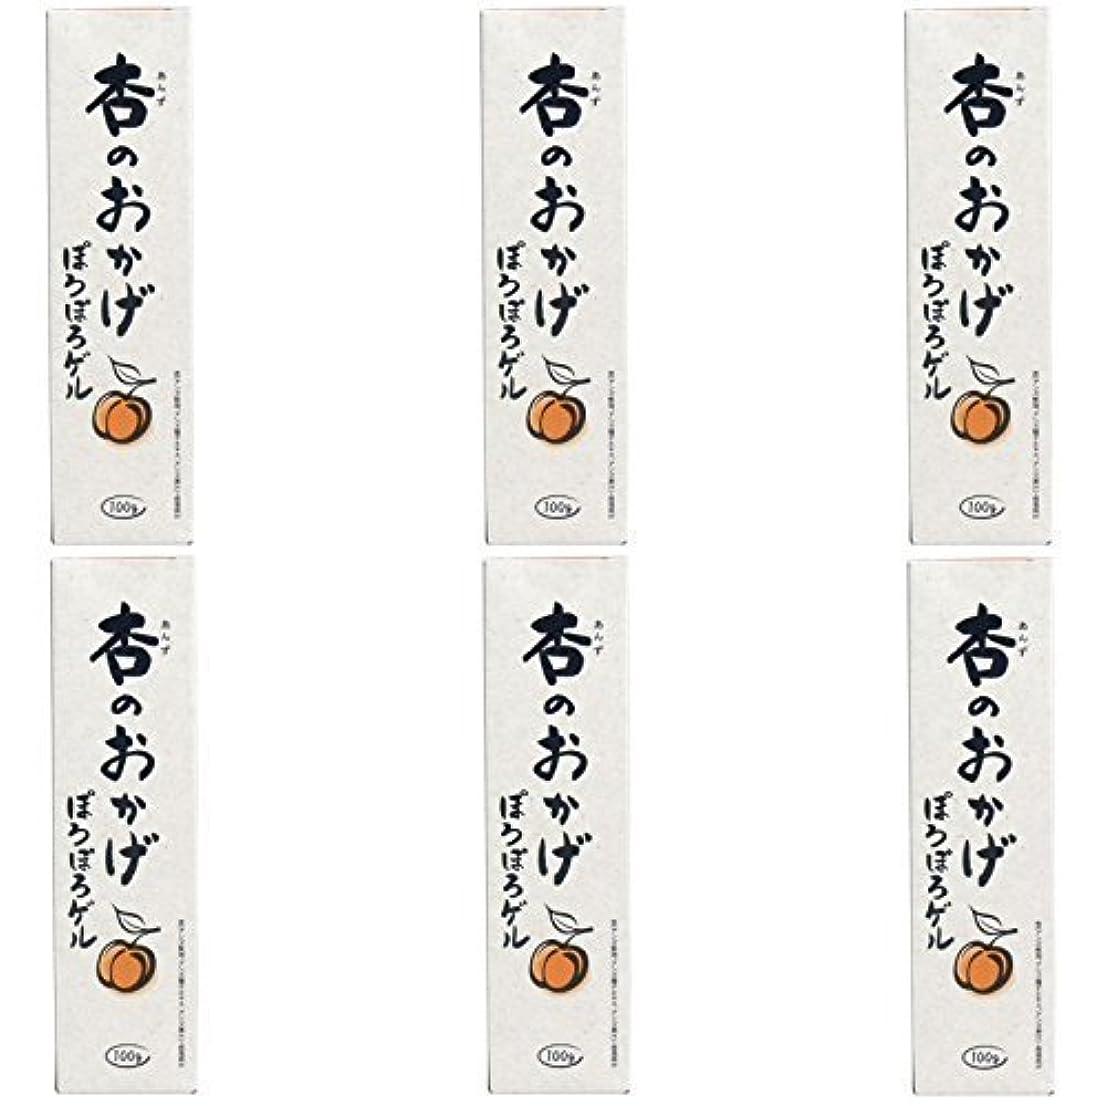 ツイン何よりもせっかち【まとめ買い】杏のおかげ ぽろぽろゲル 100g【×6個】